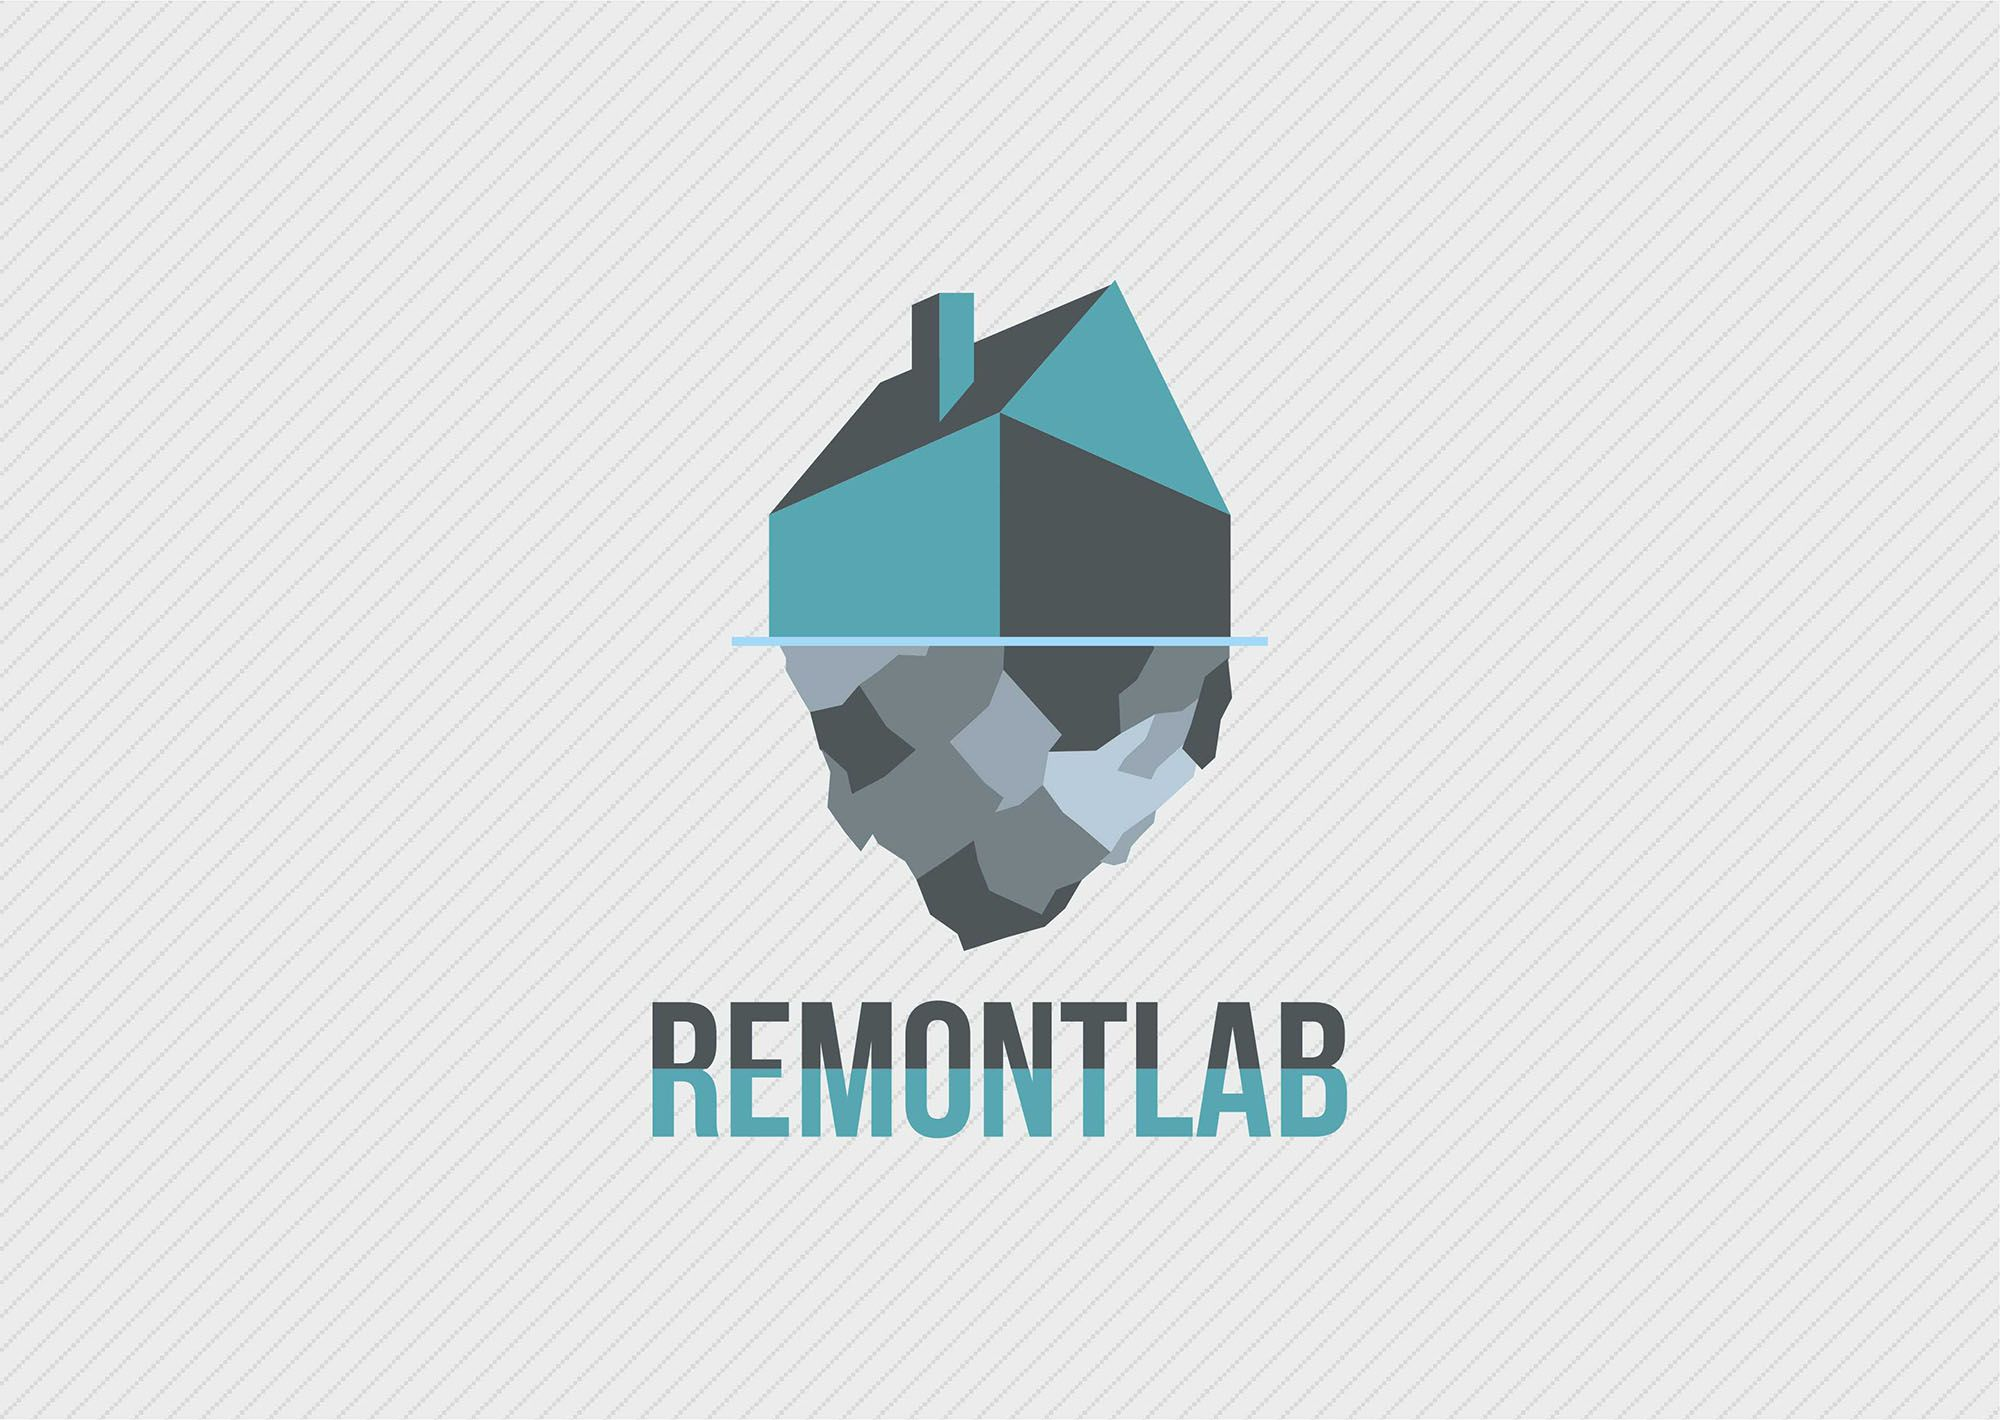 Разработка логотипа компании по ремонту и дизайну - дизайнер VadimNJet